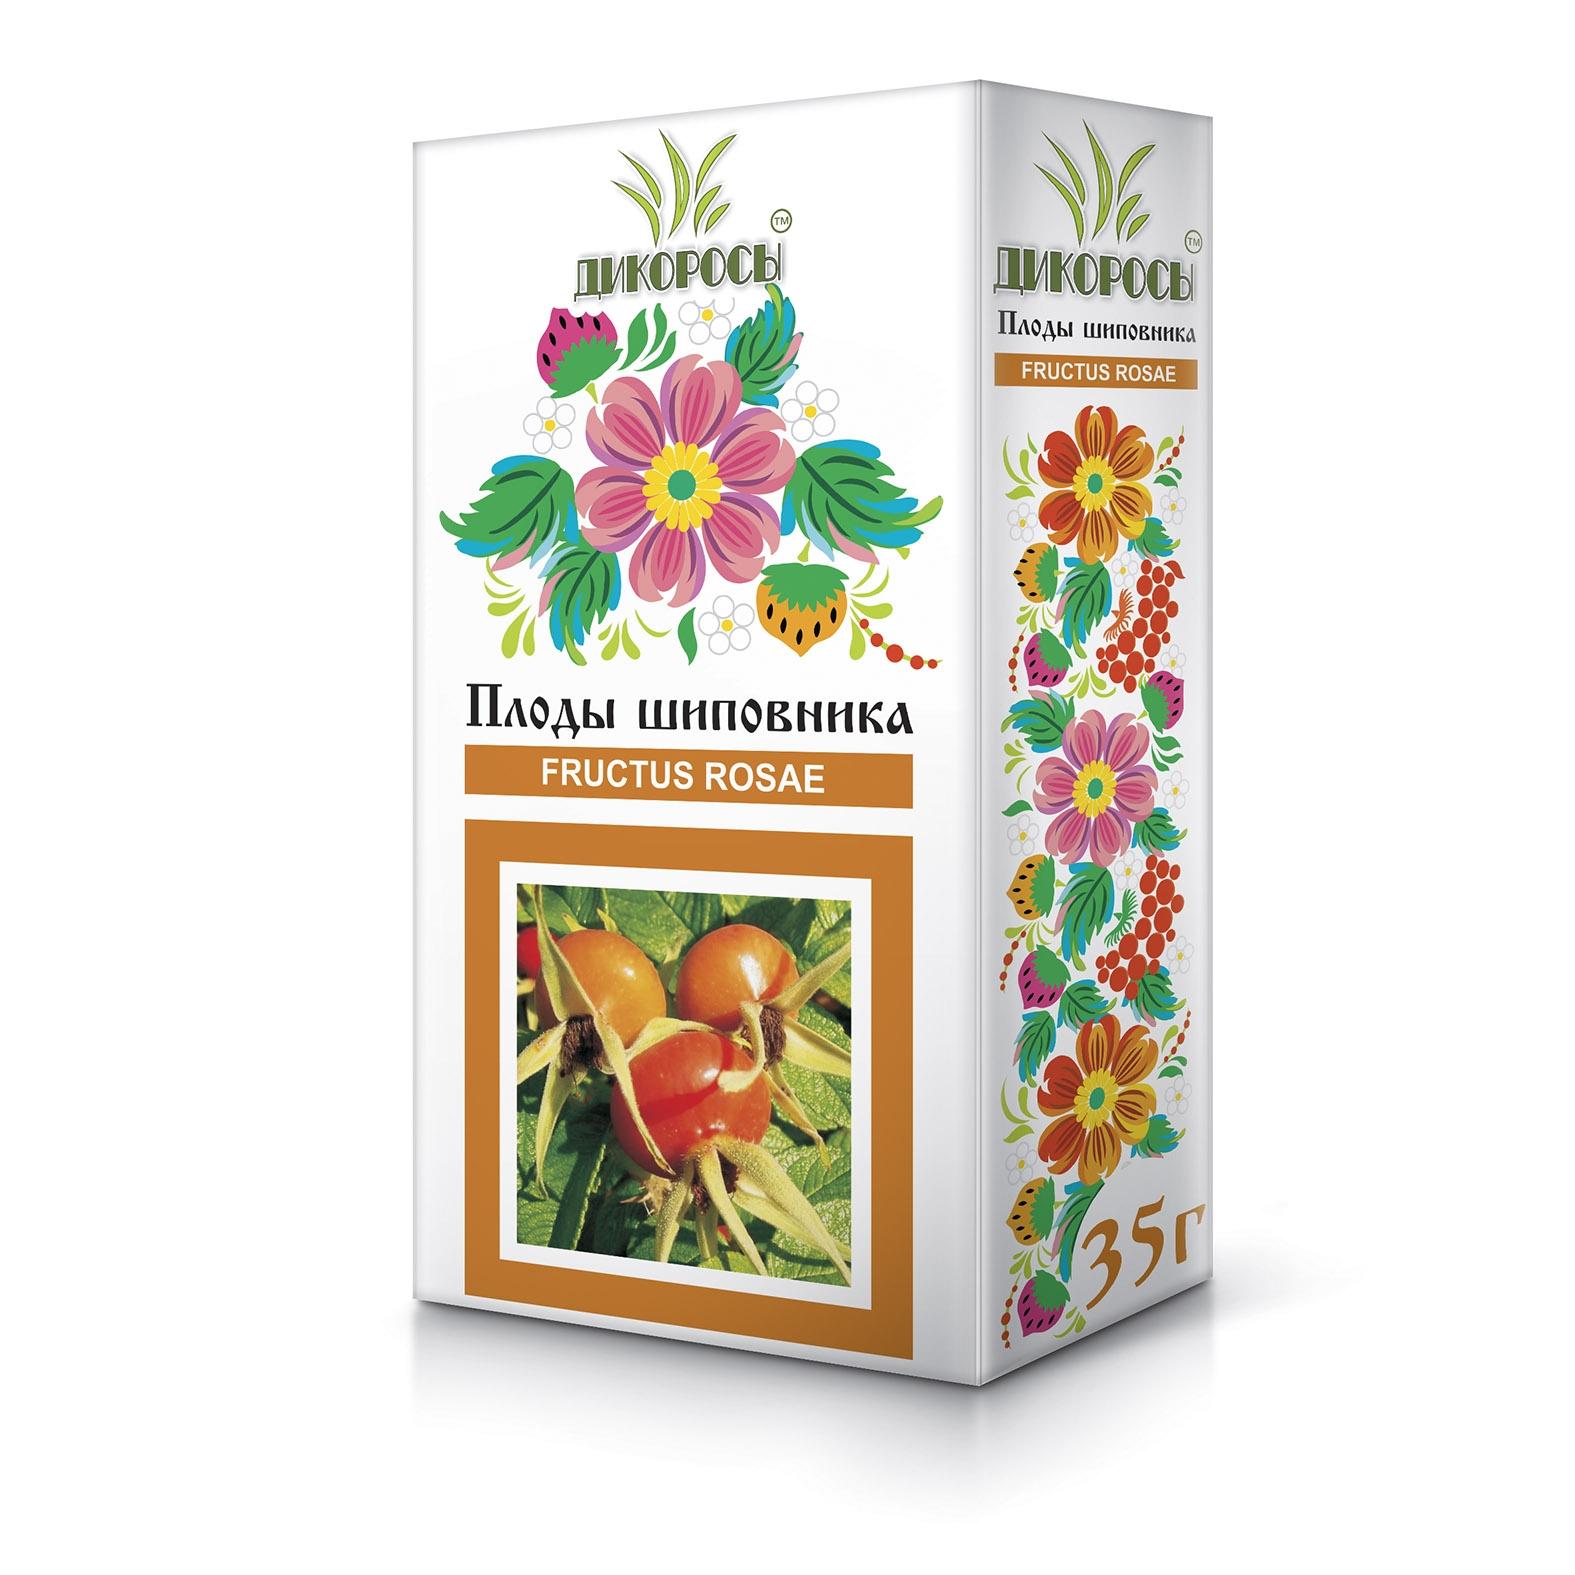 Плоды шиповника сухие: применение, лечебные свойства, противопоказания